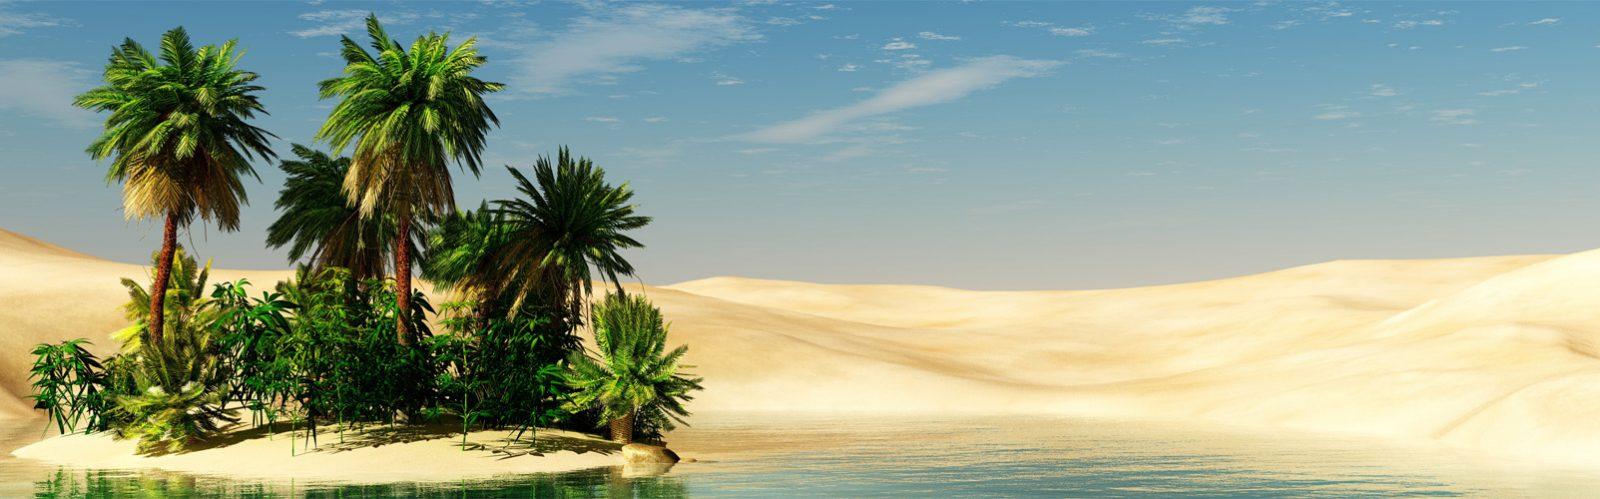 Begrünungen von Wüstenflächen